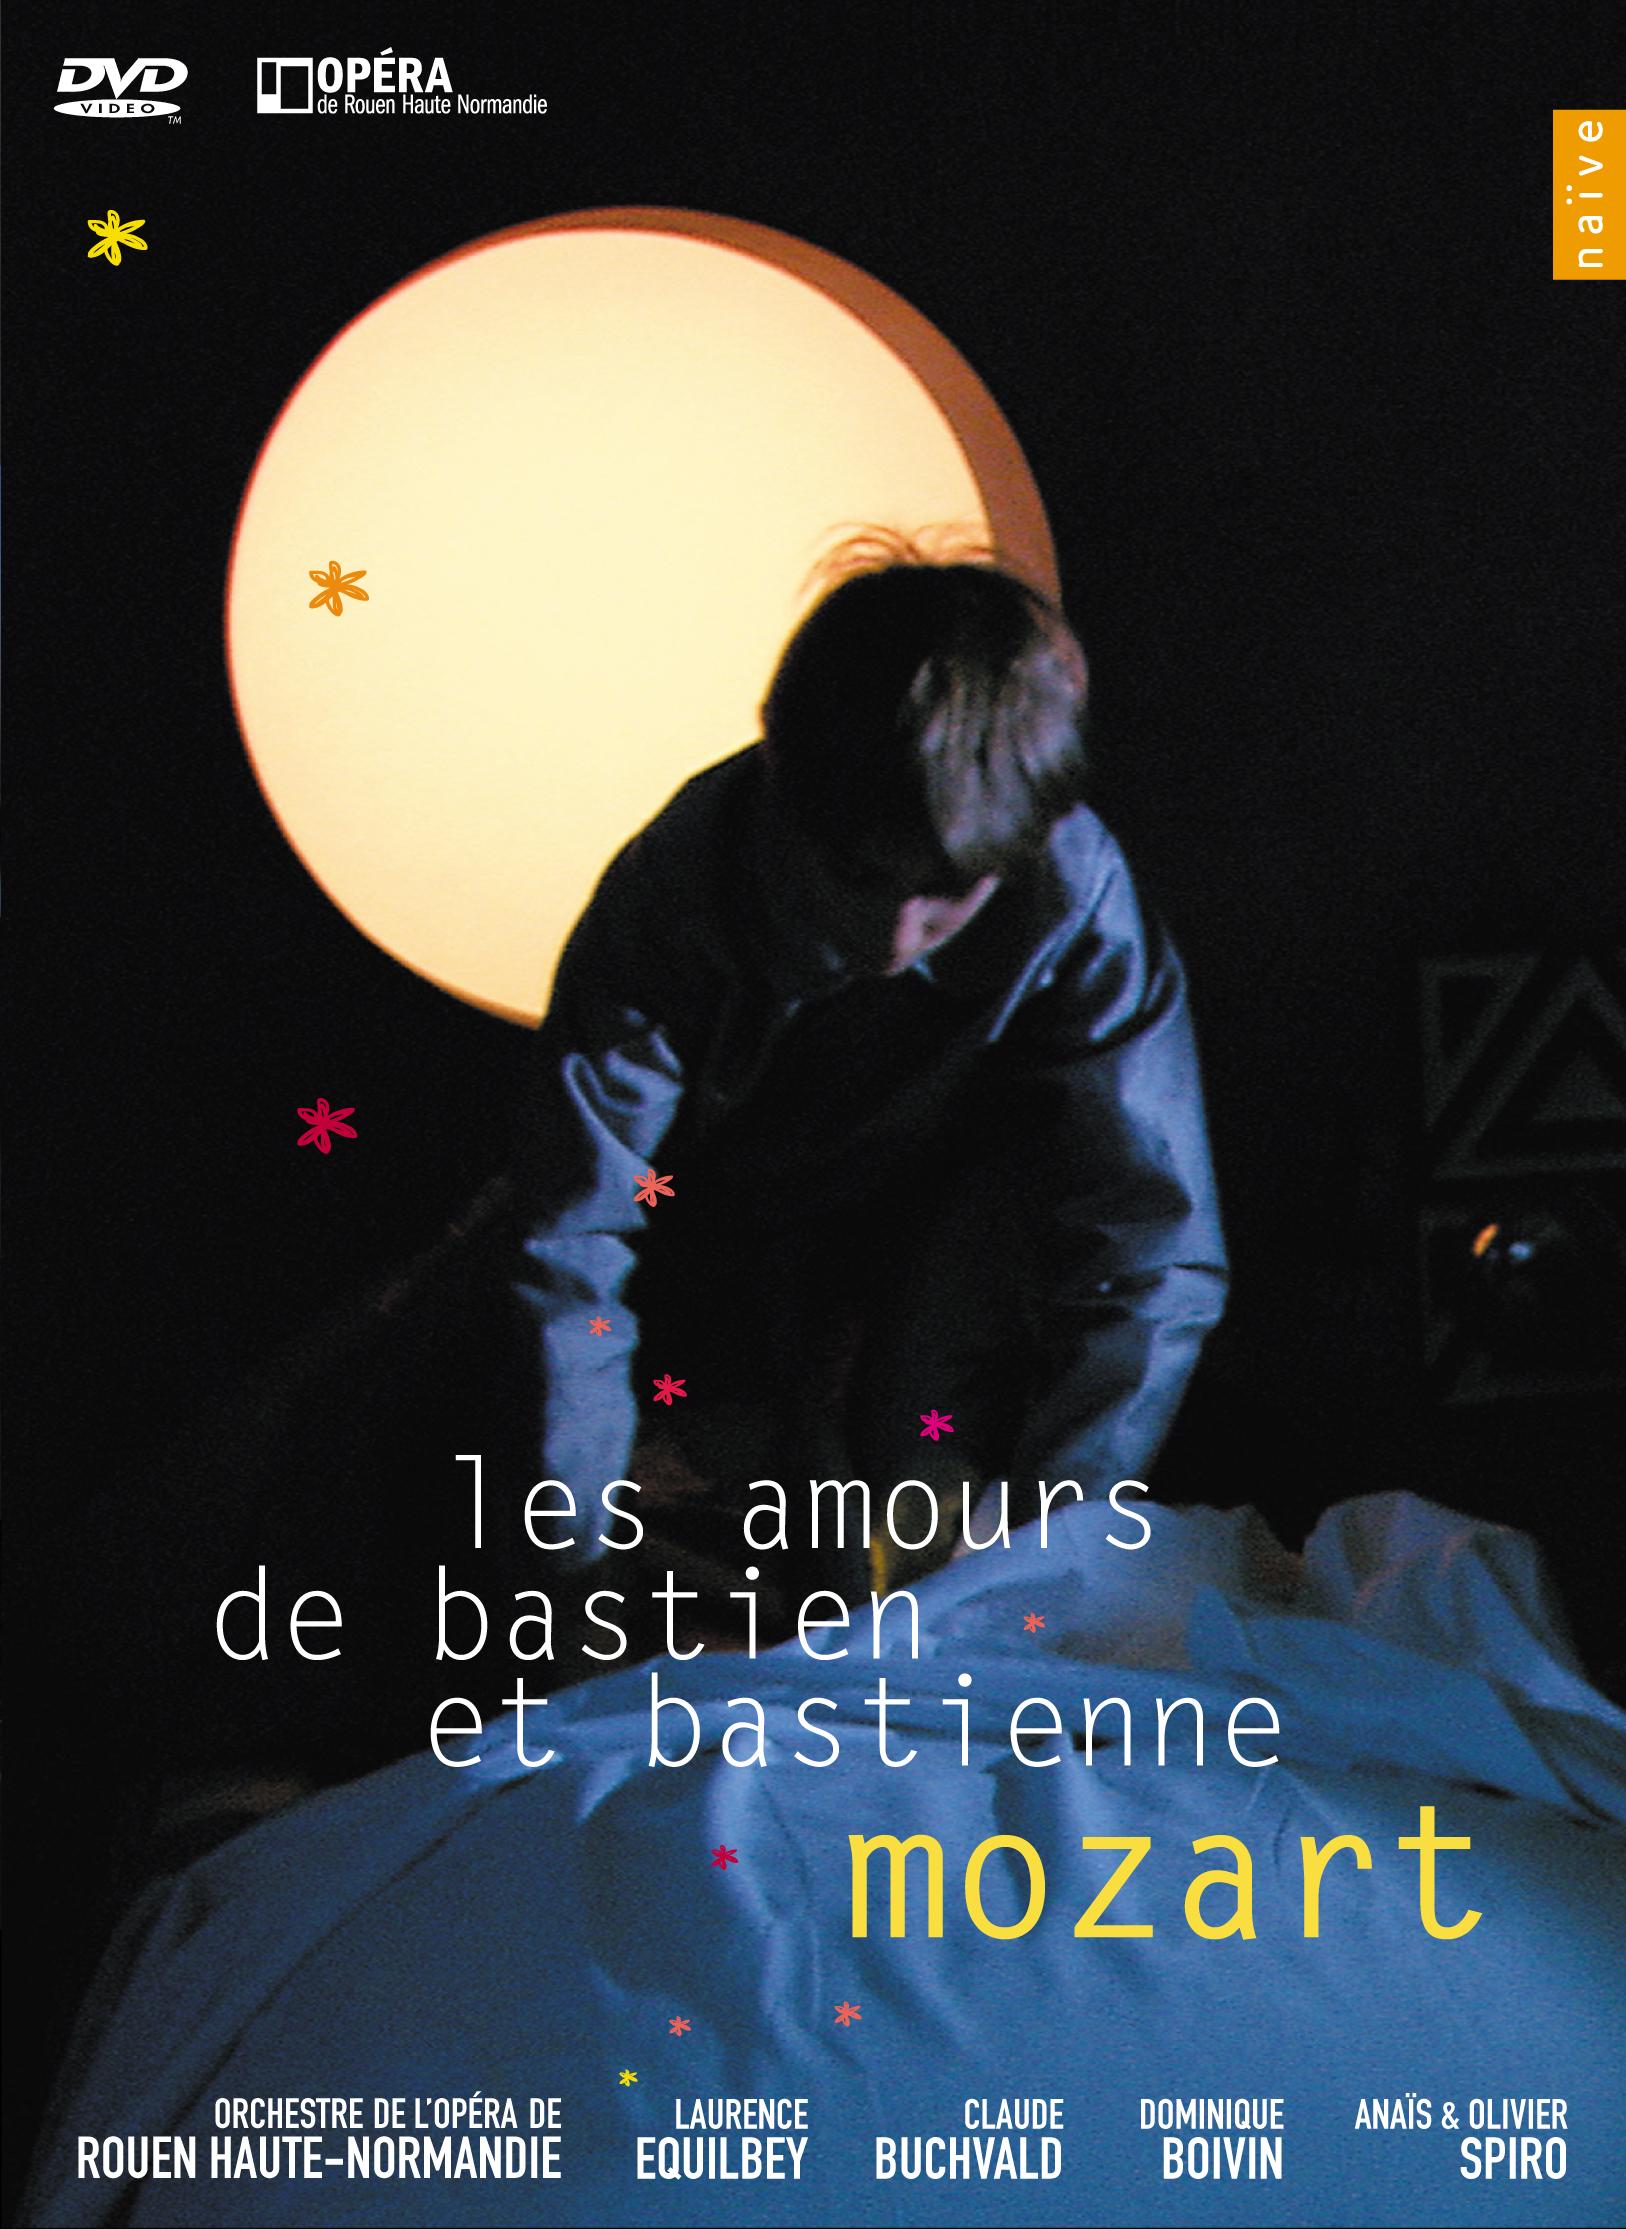 V5098 Mozart BastienBastienne Accentus.jpg